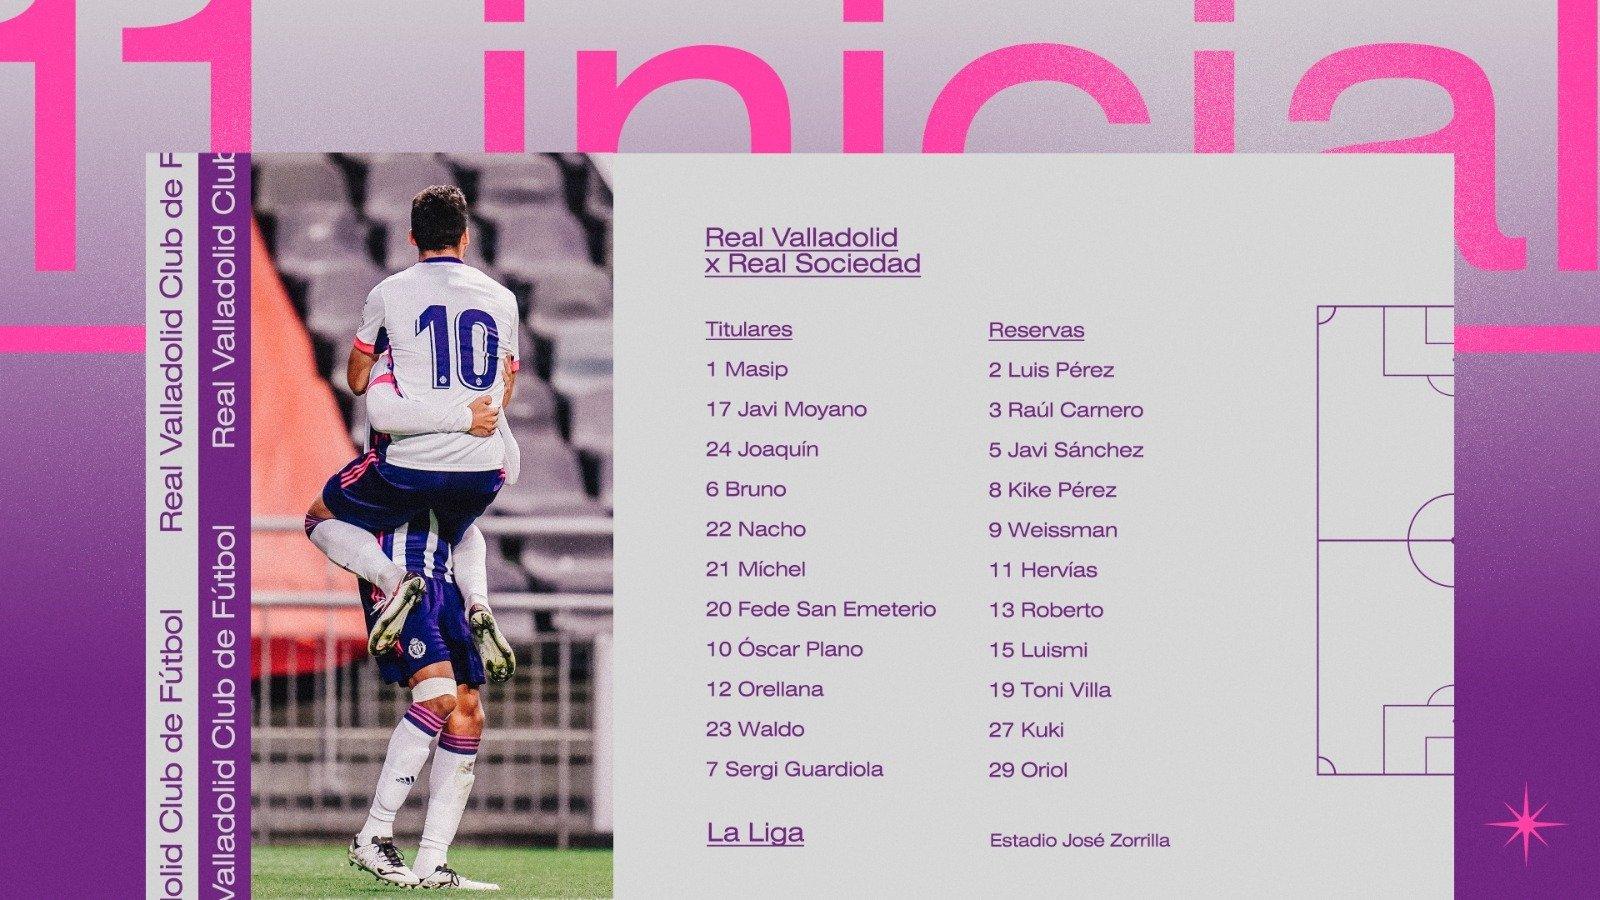 Real Valladolid C.F. - Real Sociedad. Domingo 13 de Septiembre. 16:00 - Página 3 20200913-150735